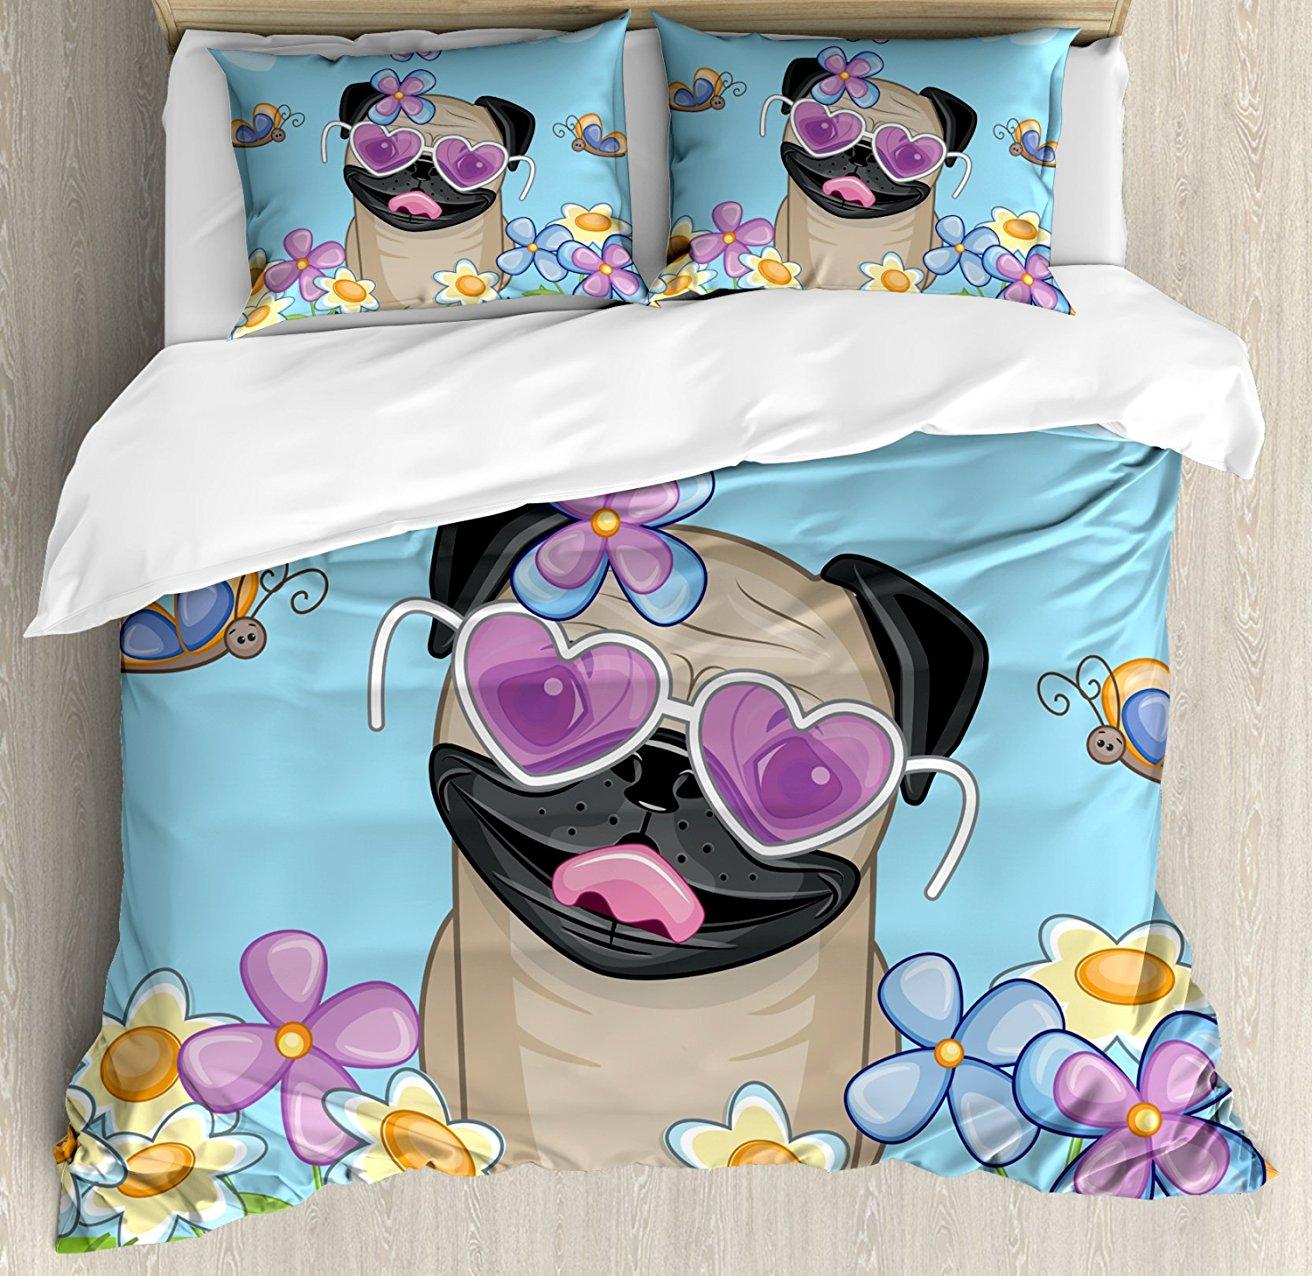 Набор пододеяльников для мопса, восхитительный щенок на поле цветы бабочки в форме сердца облака открытое небо, Комплект постельного белья